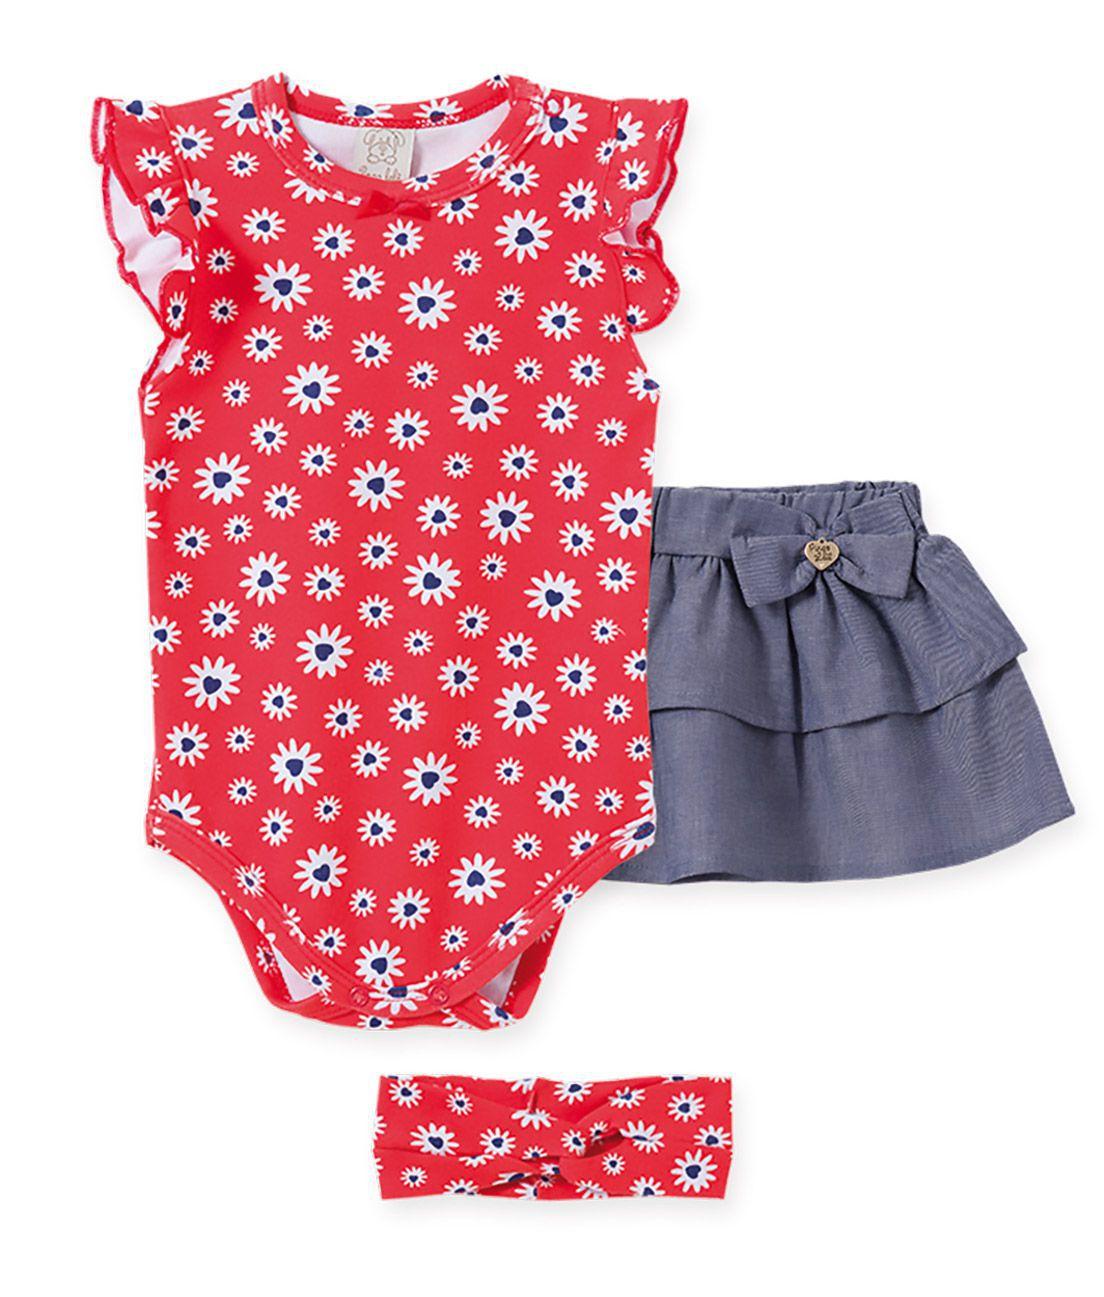 Conjunto Infantil Body  Regata Fru-fru, saia Jeans  e Faixa de cabelo Pingo Lelê Magarida Vermelho